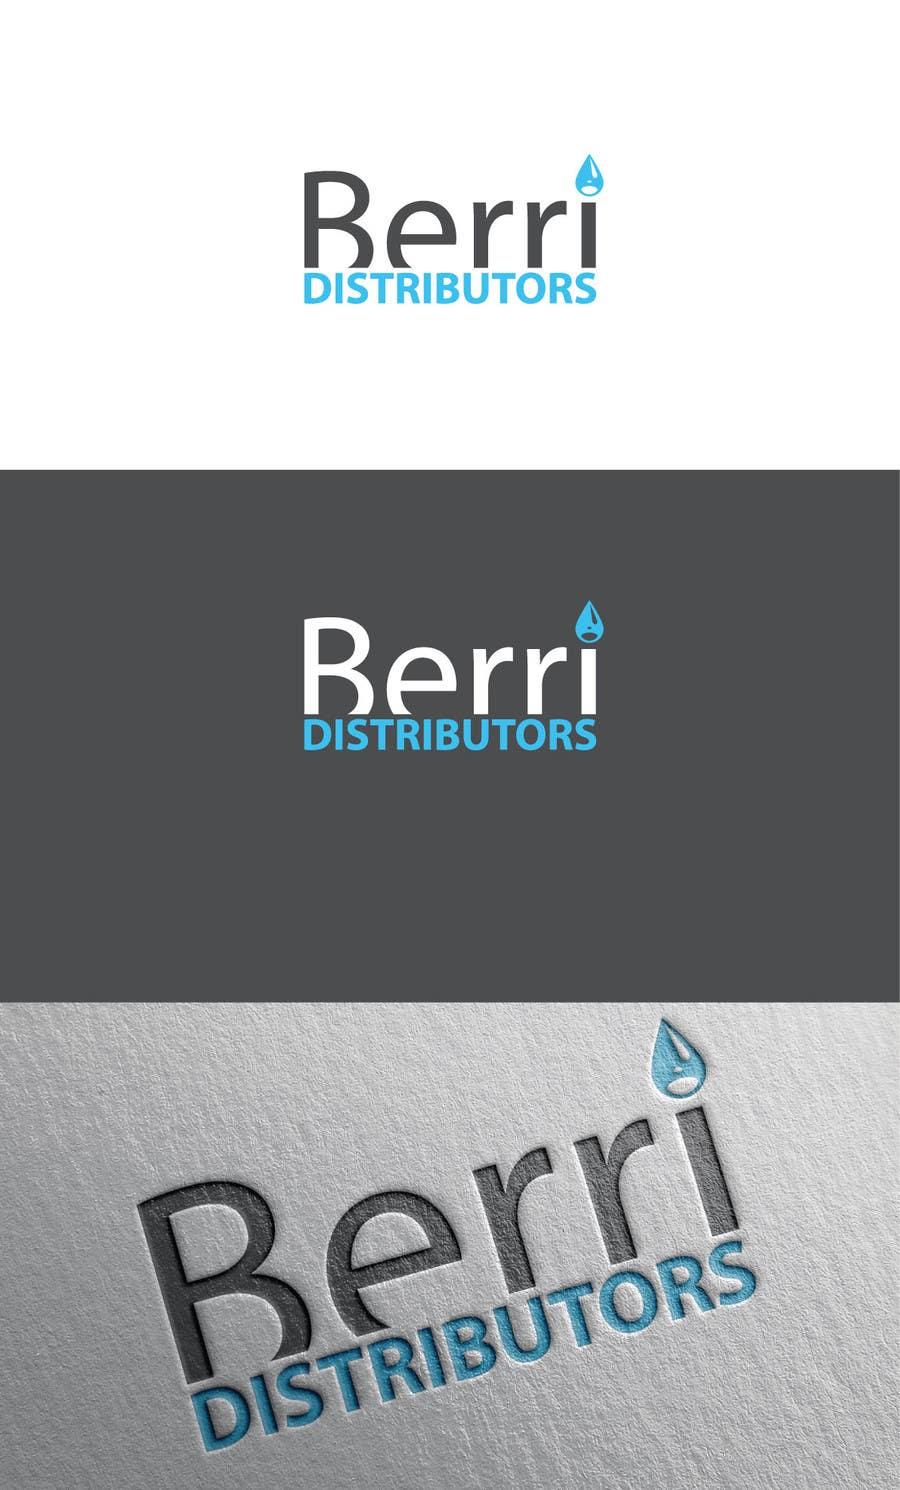 Inscrição nº 13 do Concurso para Design a Logo for Plumbing Supplies Wholesaler